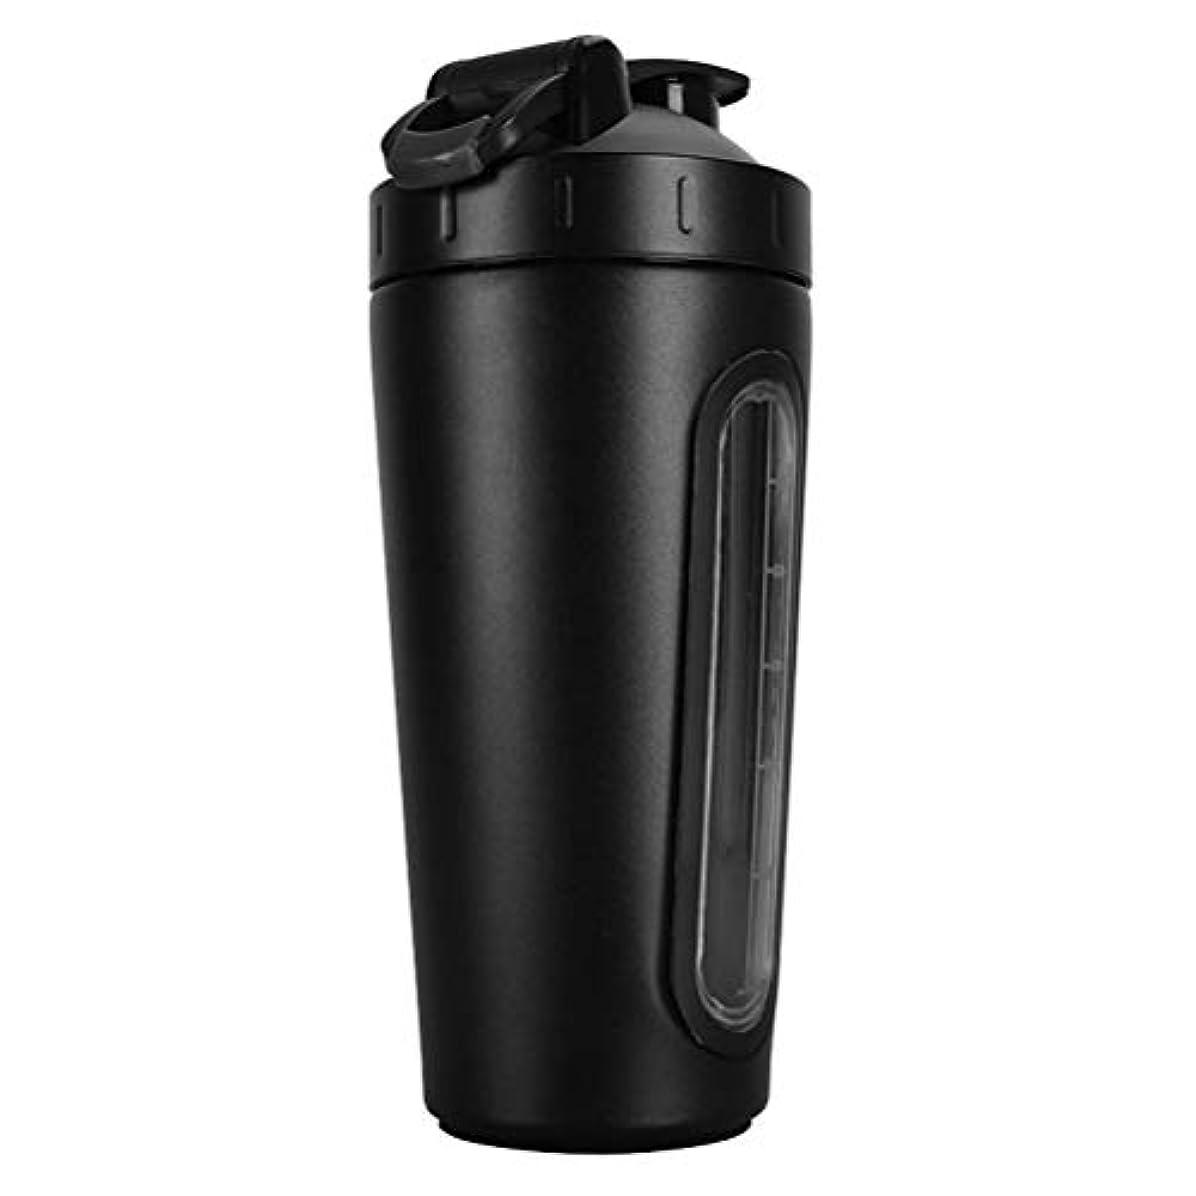 シットコム偶然のリークErose-BD 2019新型 304ステンレスプロテインシェイカーボトル プロテインシェイカー シェイカー ボトル 水筒 ウォーターボトル (800ml) 1個 黒